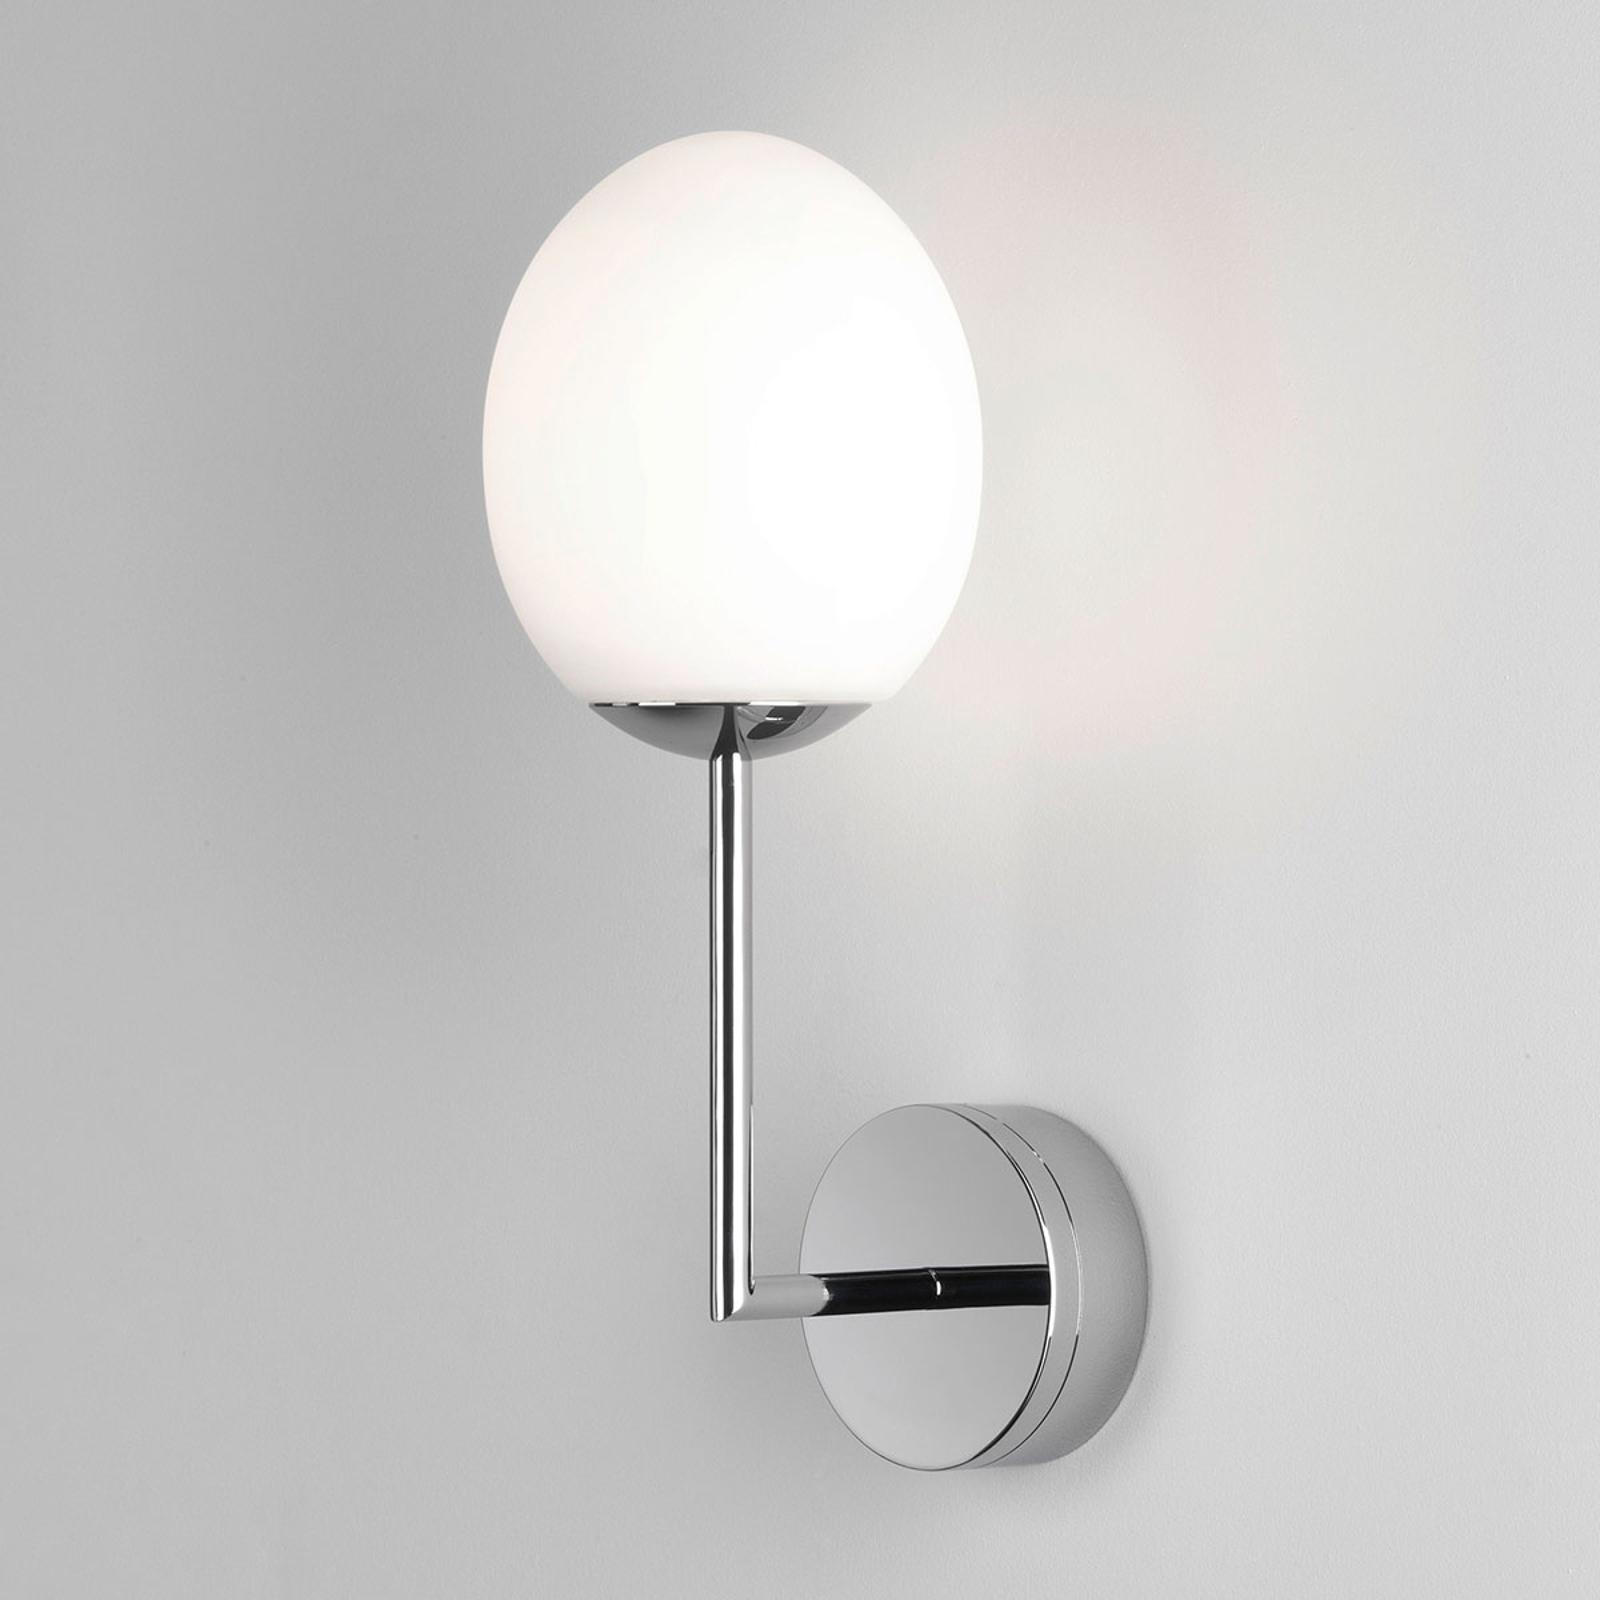 Astro Kiwi LED nástěnné světlo, koupelna, chrom